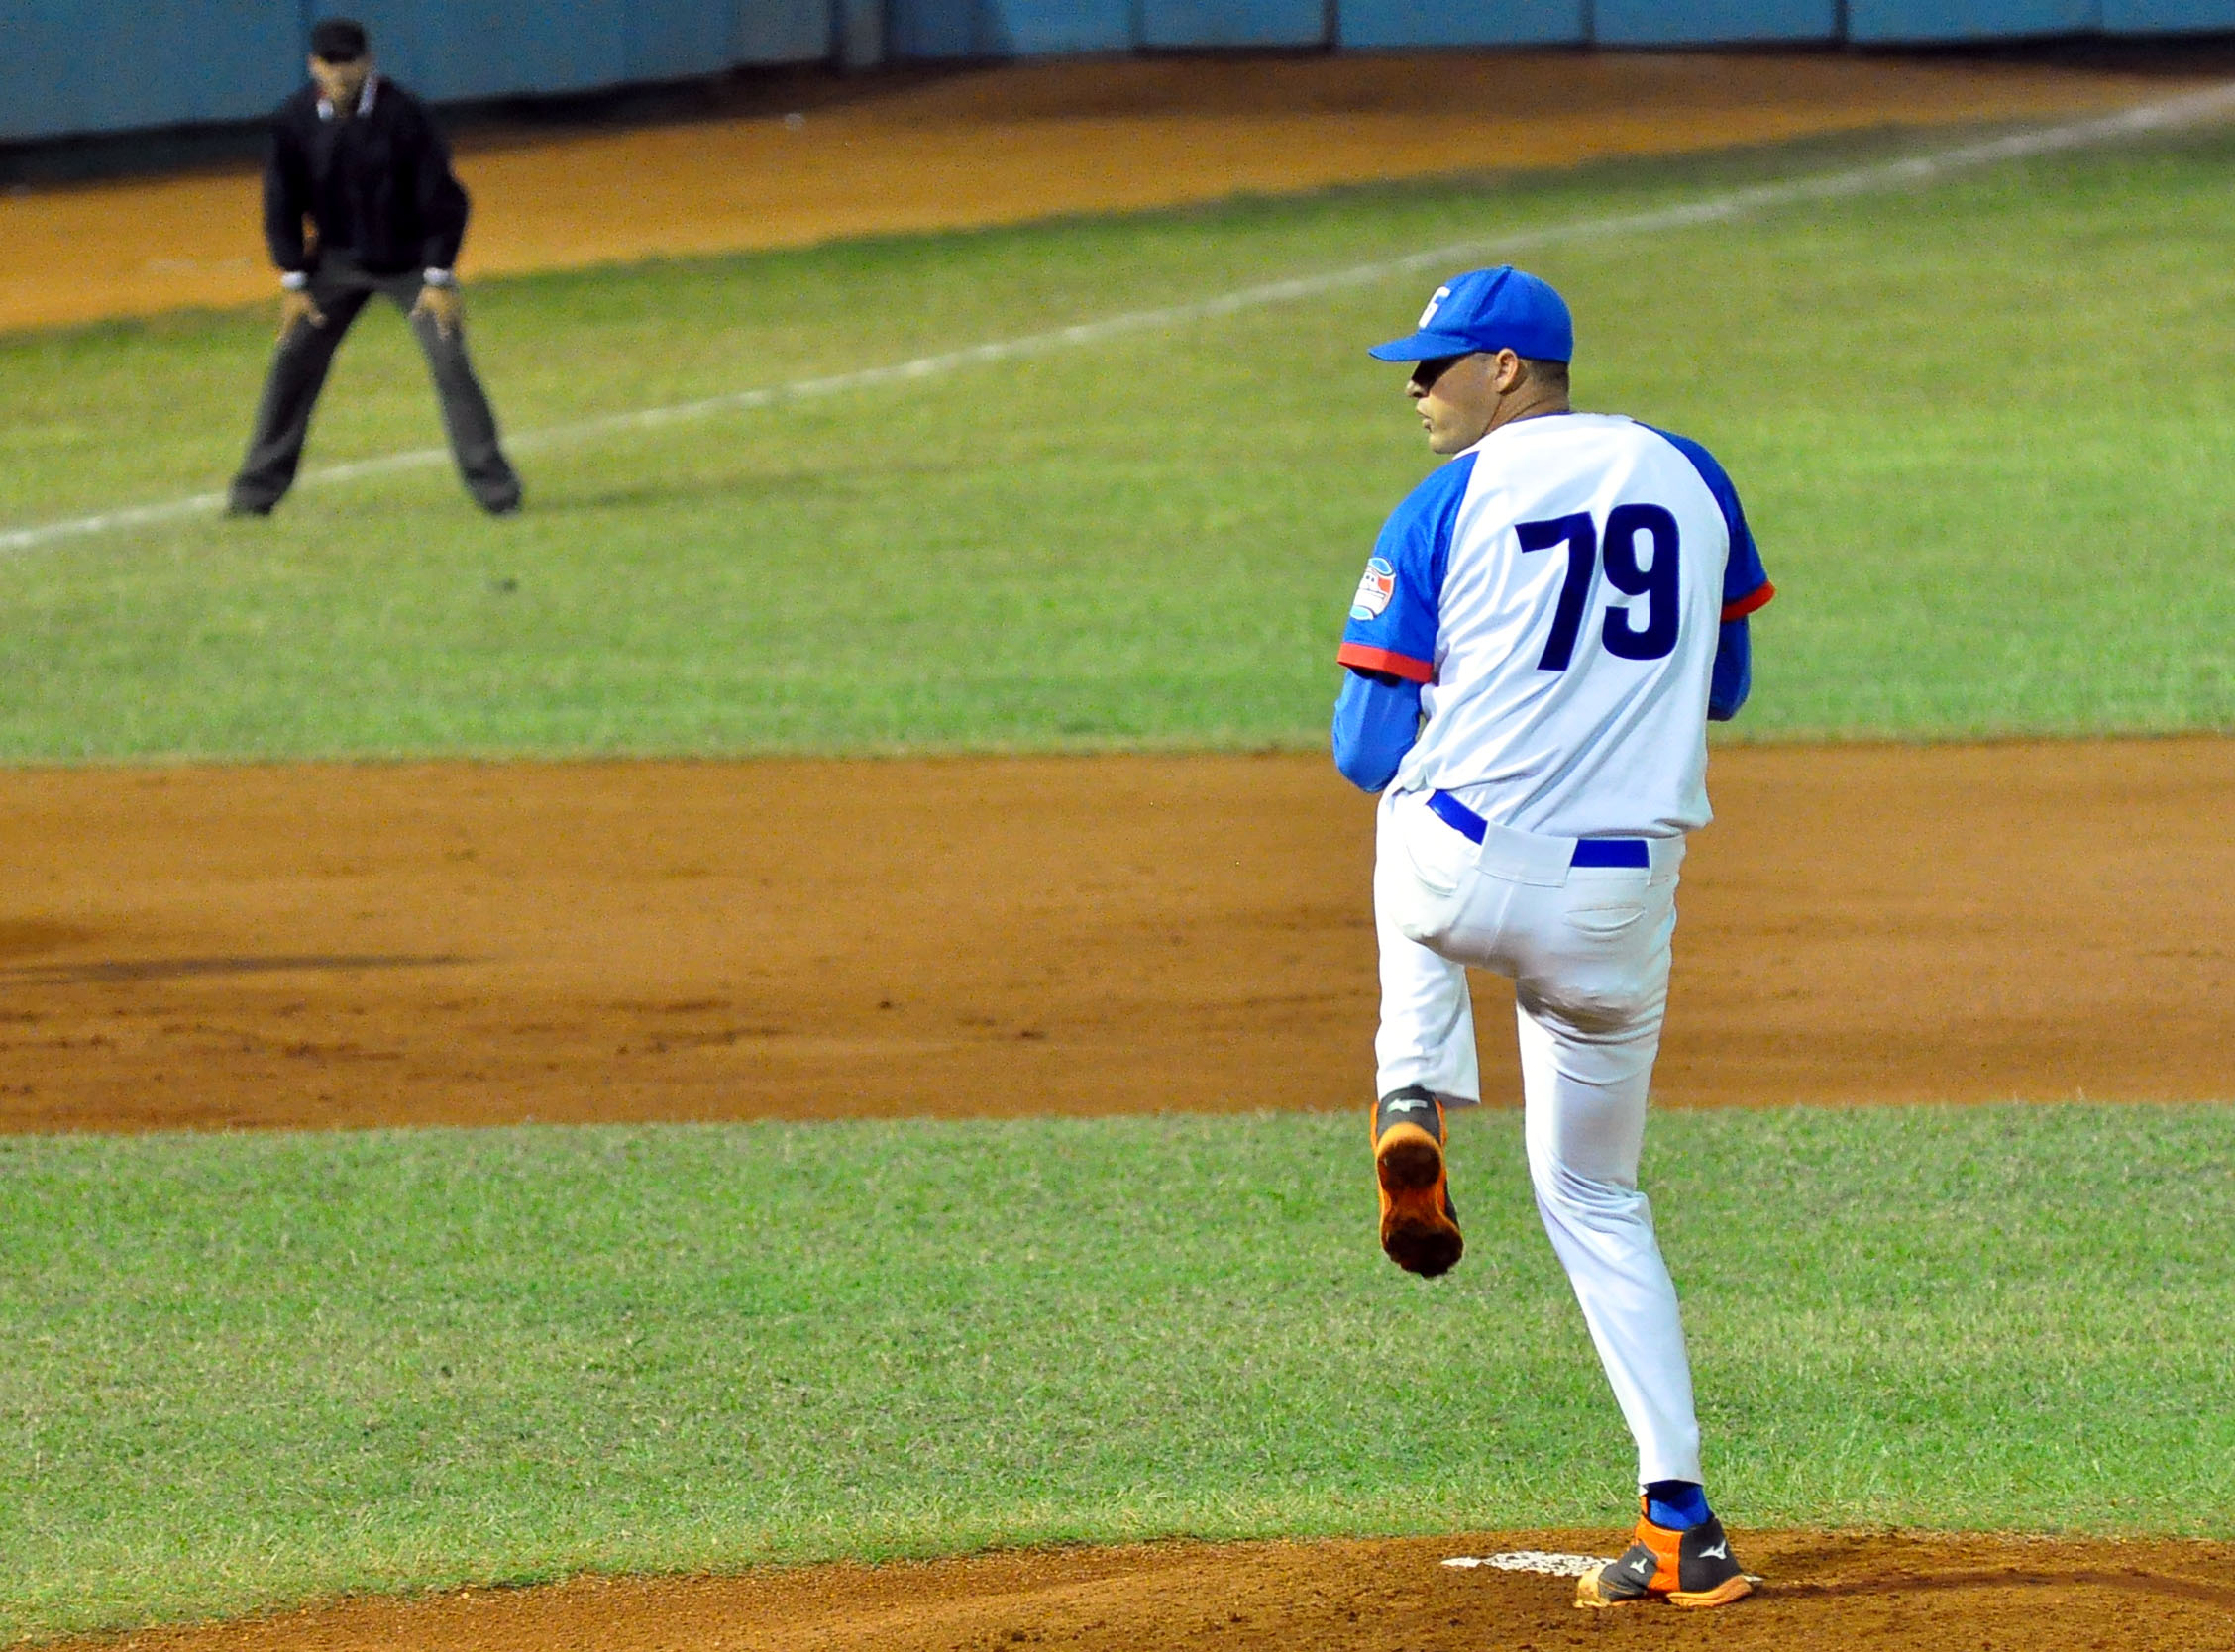 Campeón-líder, fórmula de arranque en postemporada del béisbol cubano (+ videos)